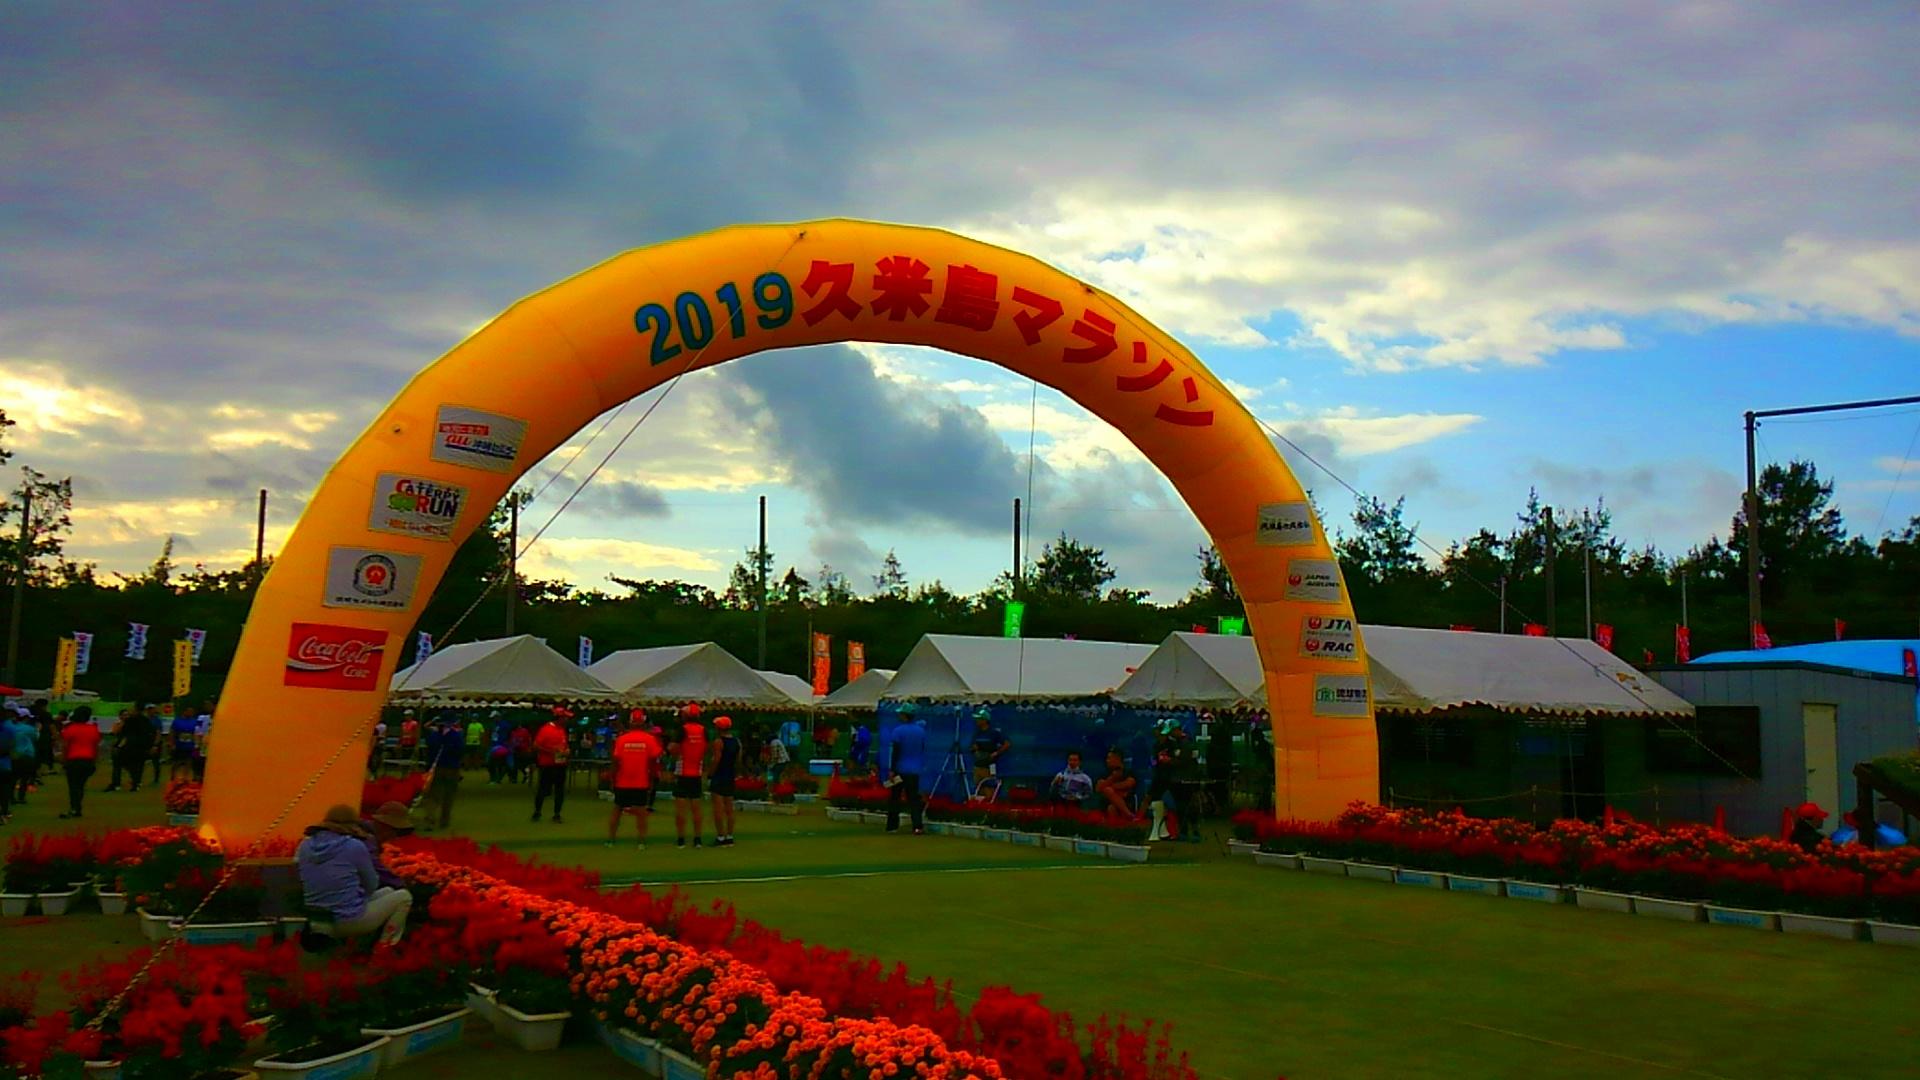 久米島マラソンはお得で楽しい!ふれあいパーティも参加体験レポ